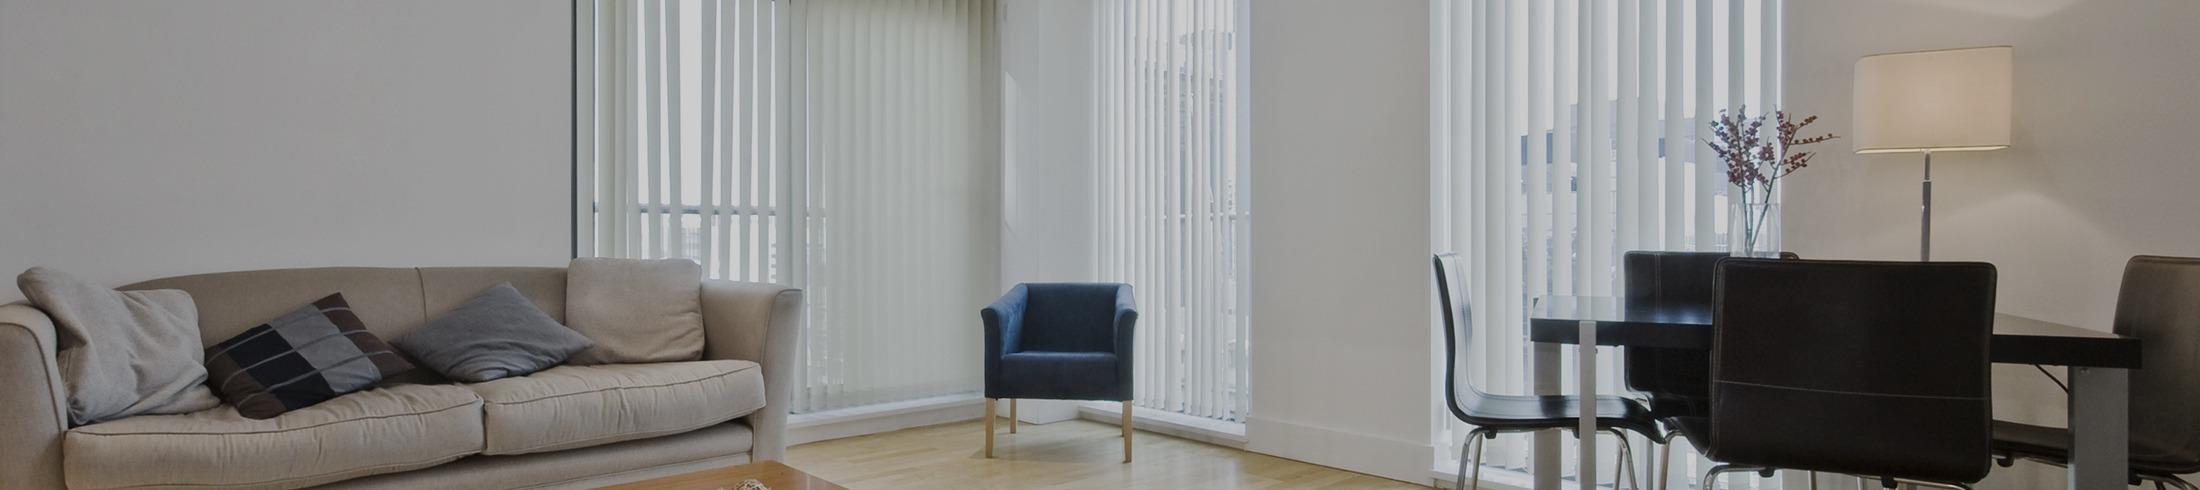 indoor vertical blinds 01